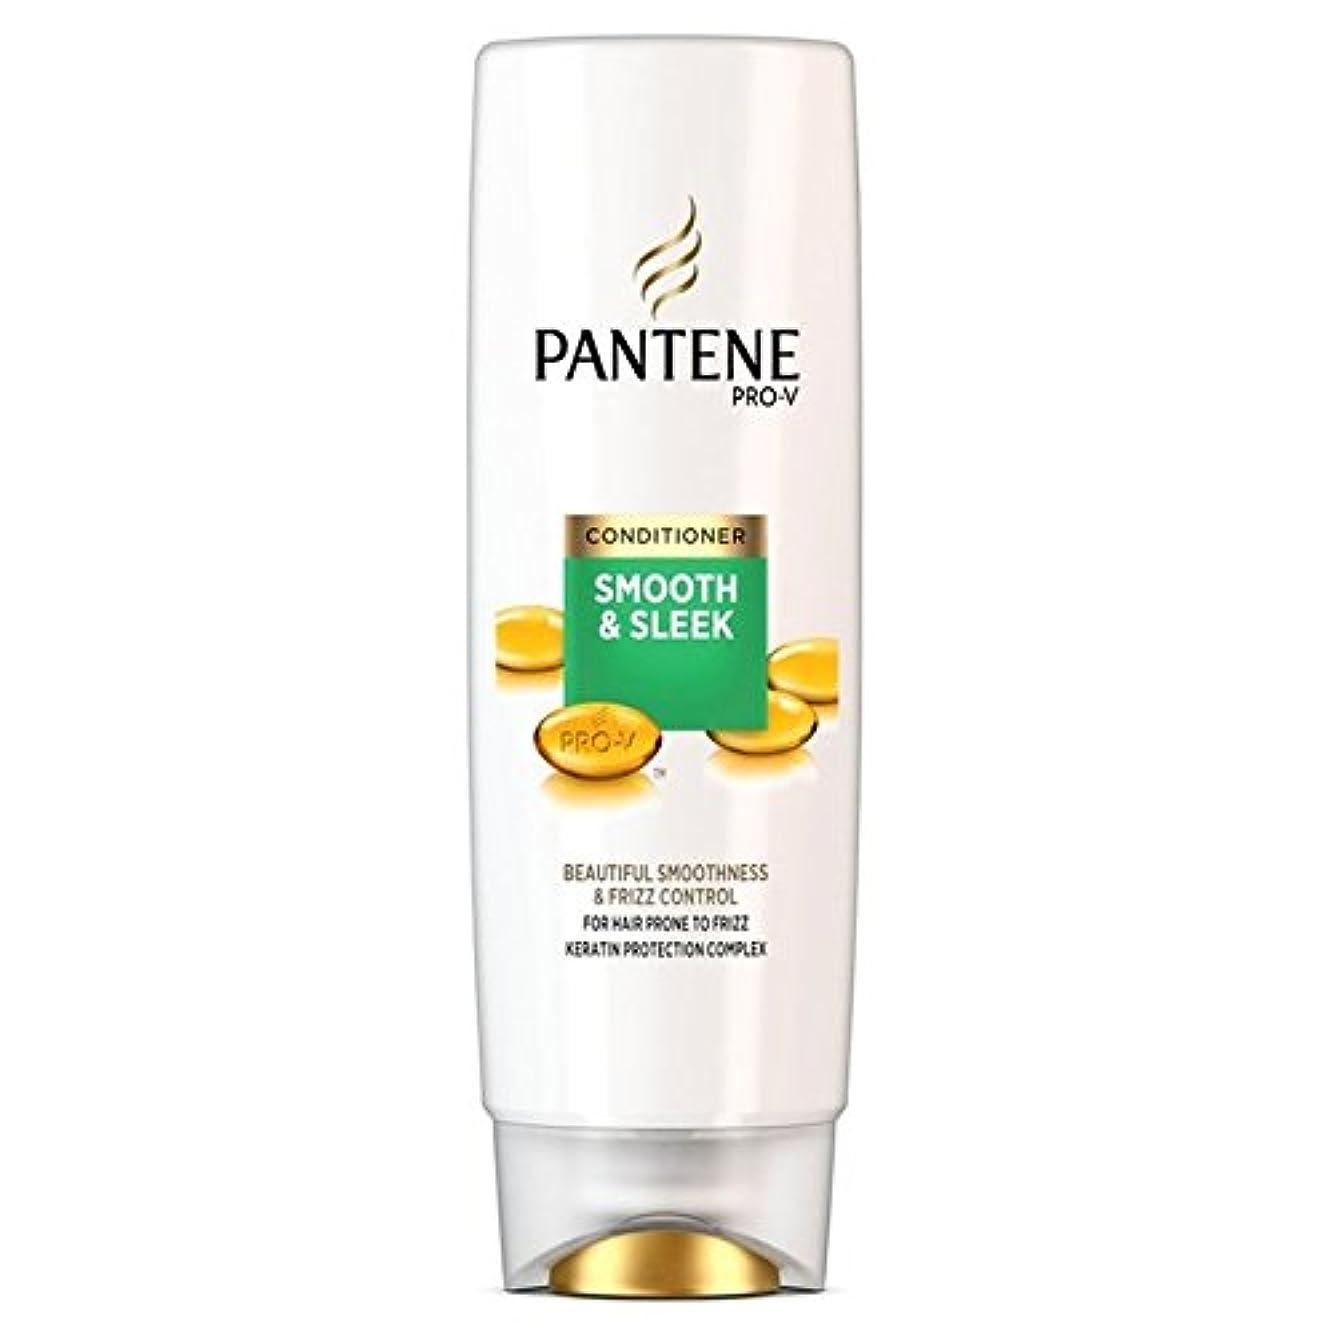 ウェブセクション方言Pantene Conditioner Smooth & Sleek For Hair Prone to Frizz 250ml (Pack of 6) - パンテーンコンディショナースムーズ&縮れ250ミリリットルを受けやすい髪になめらかな x6 [並行輸入品]